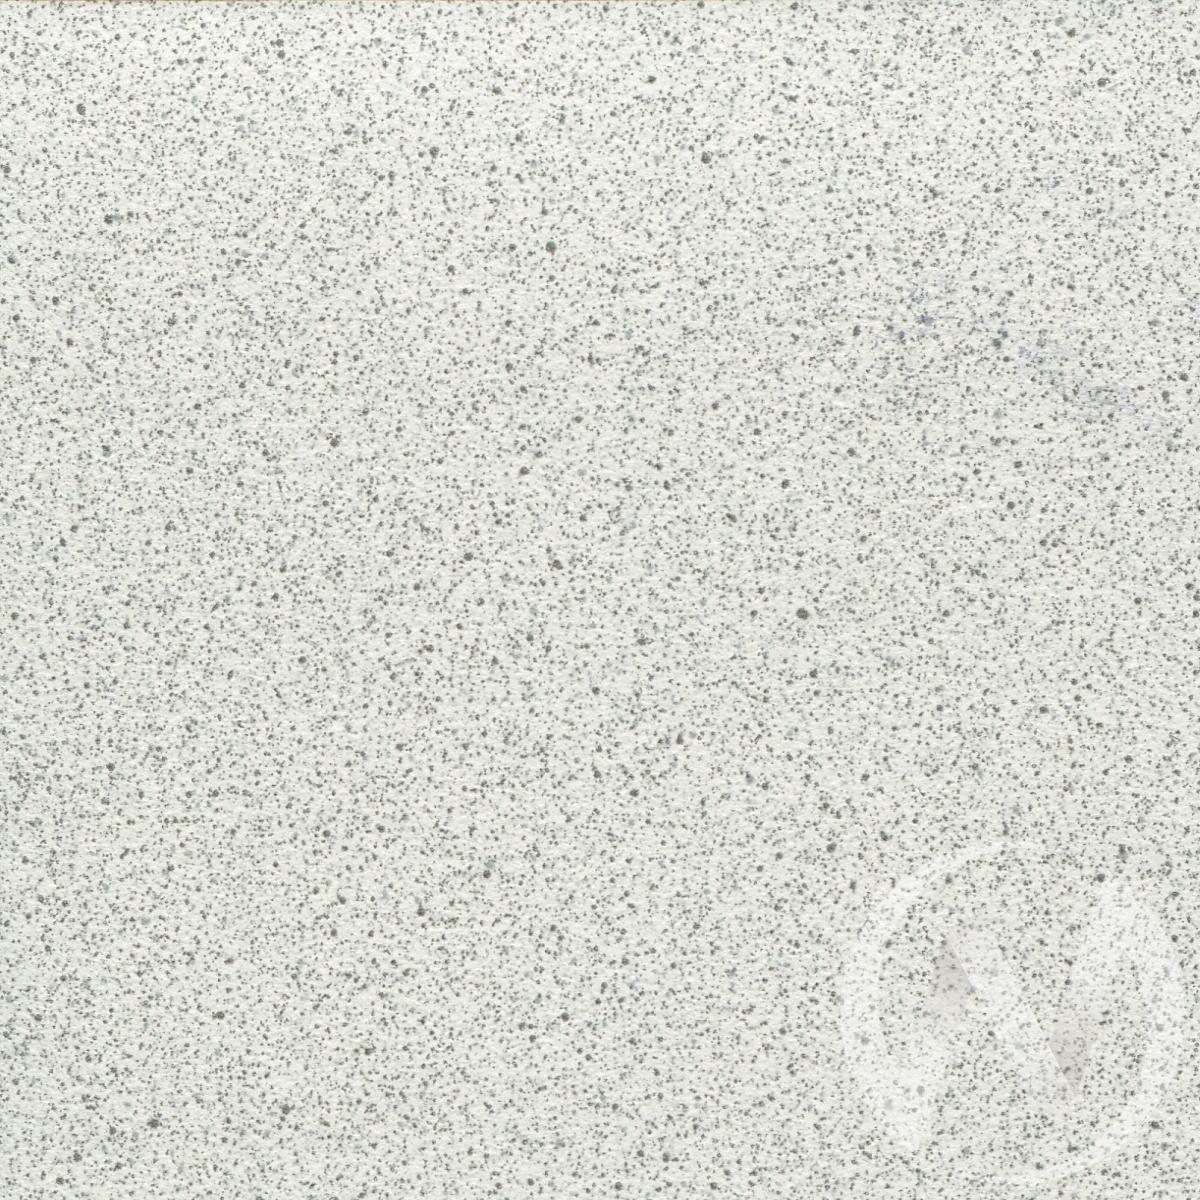 СТ-400 Столешница 400*600*26 (№130 сахара белая)СКИФ  в Томске — интернет магазин МИРА-мебель